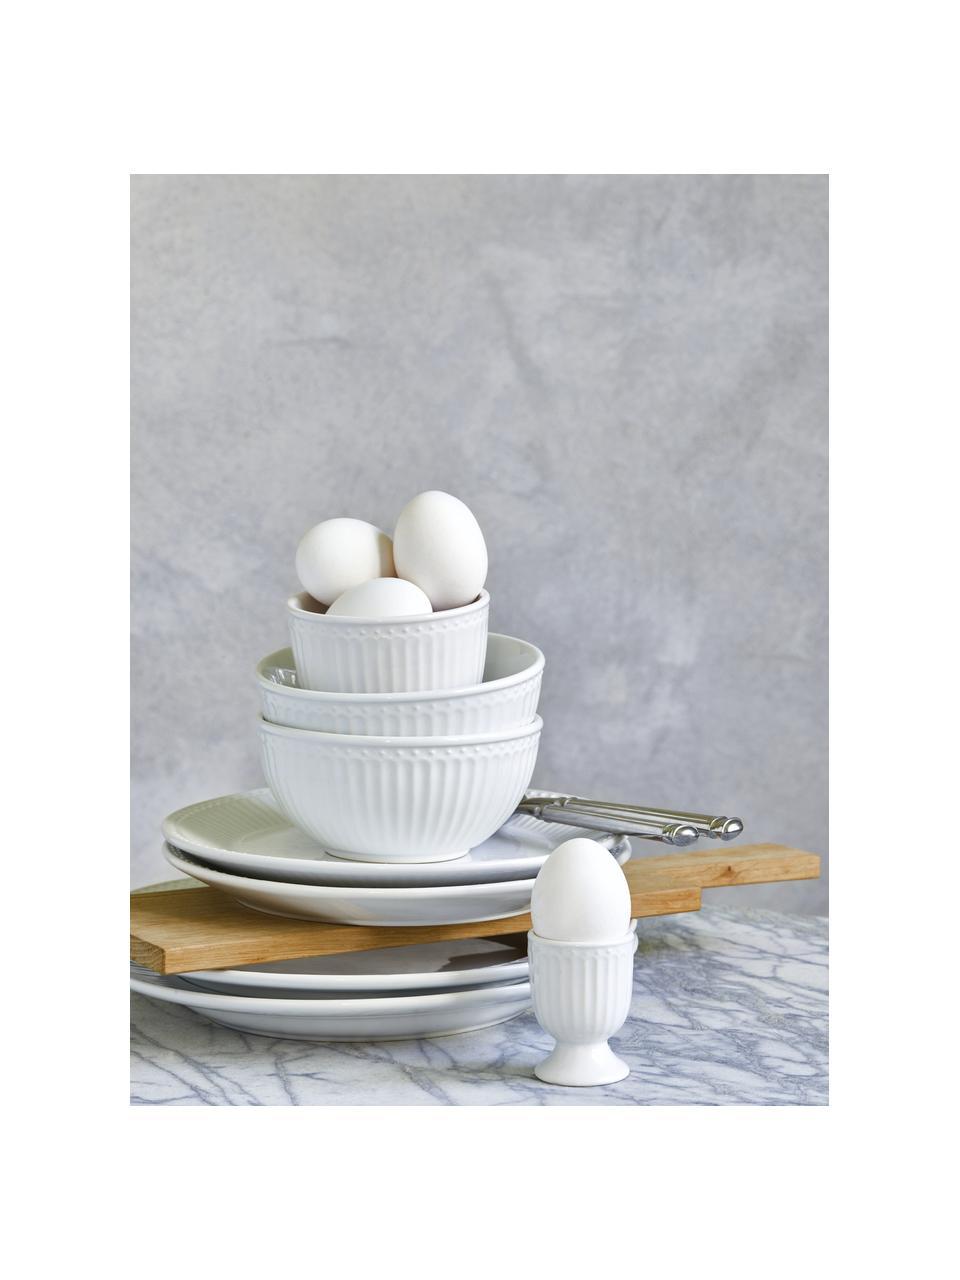 Handgemachte Eierbecher Alice in Weiß mit Reliefdesign, 2 Stück, Steingut, Weiß, Ø 5 x H 7 cm